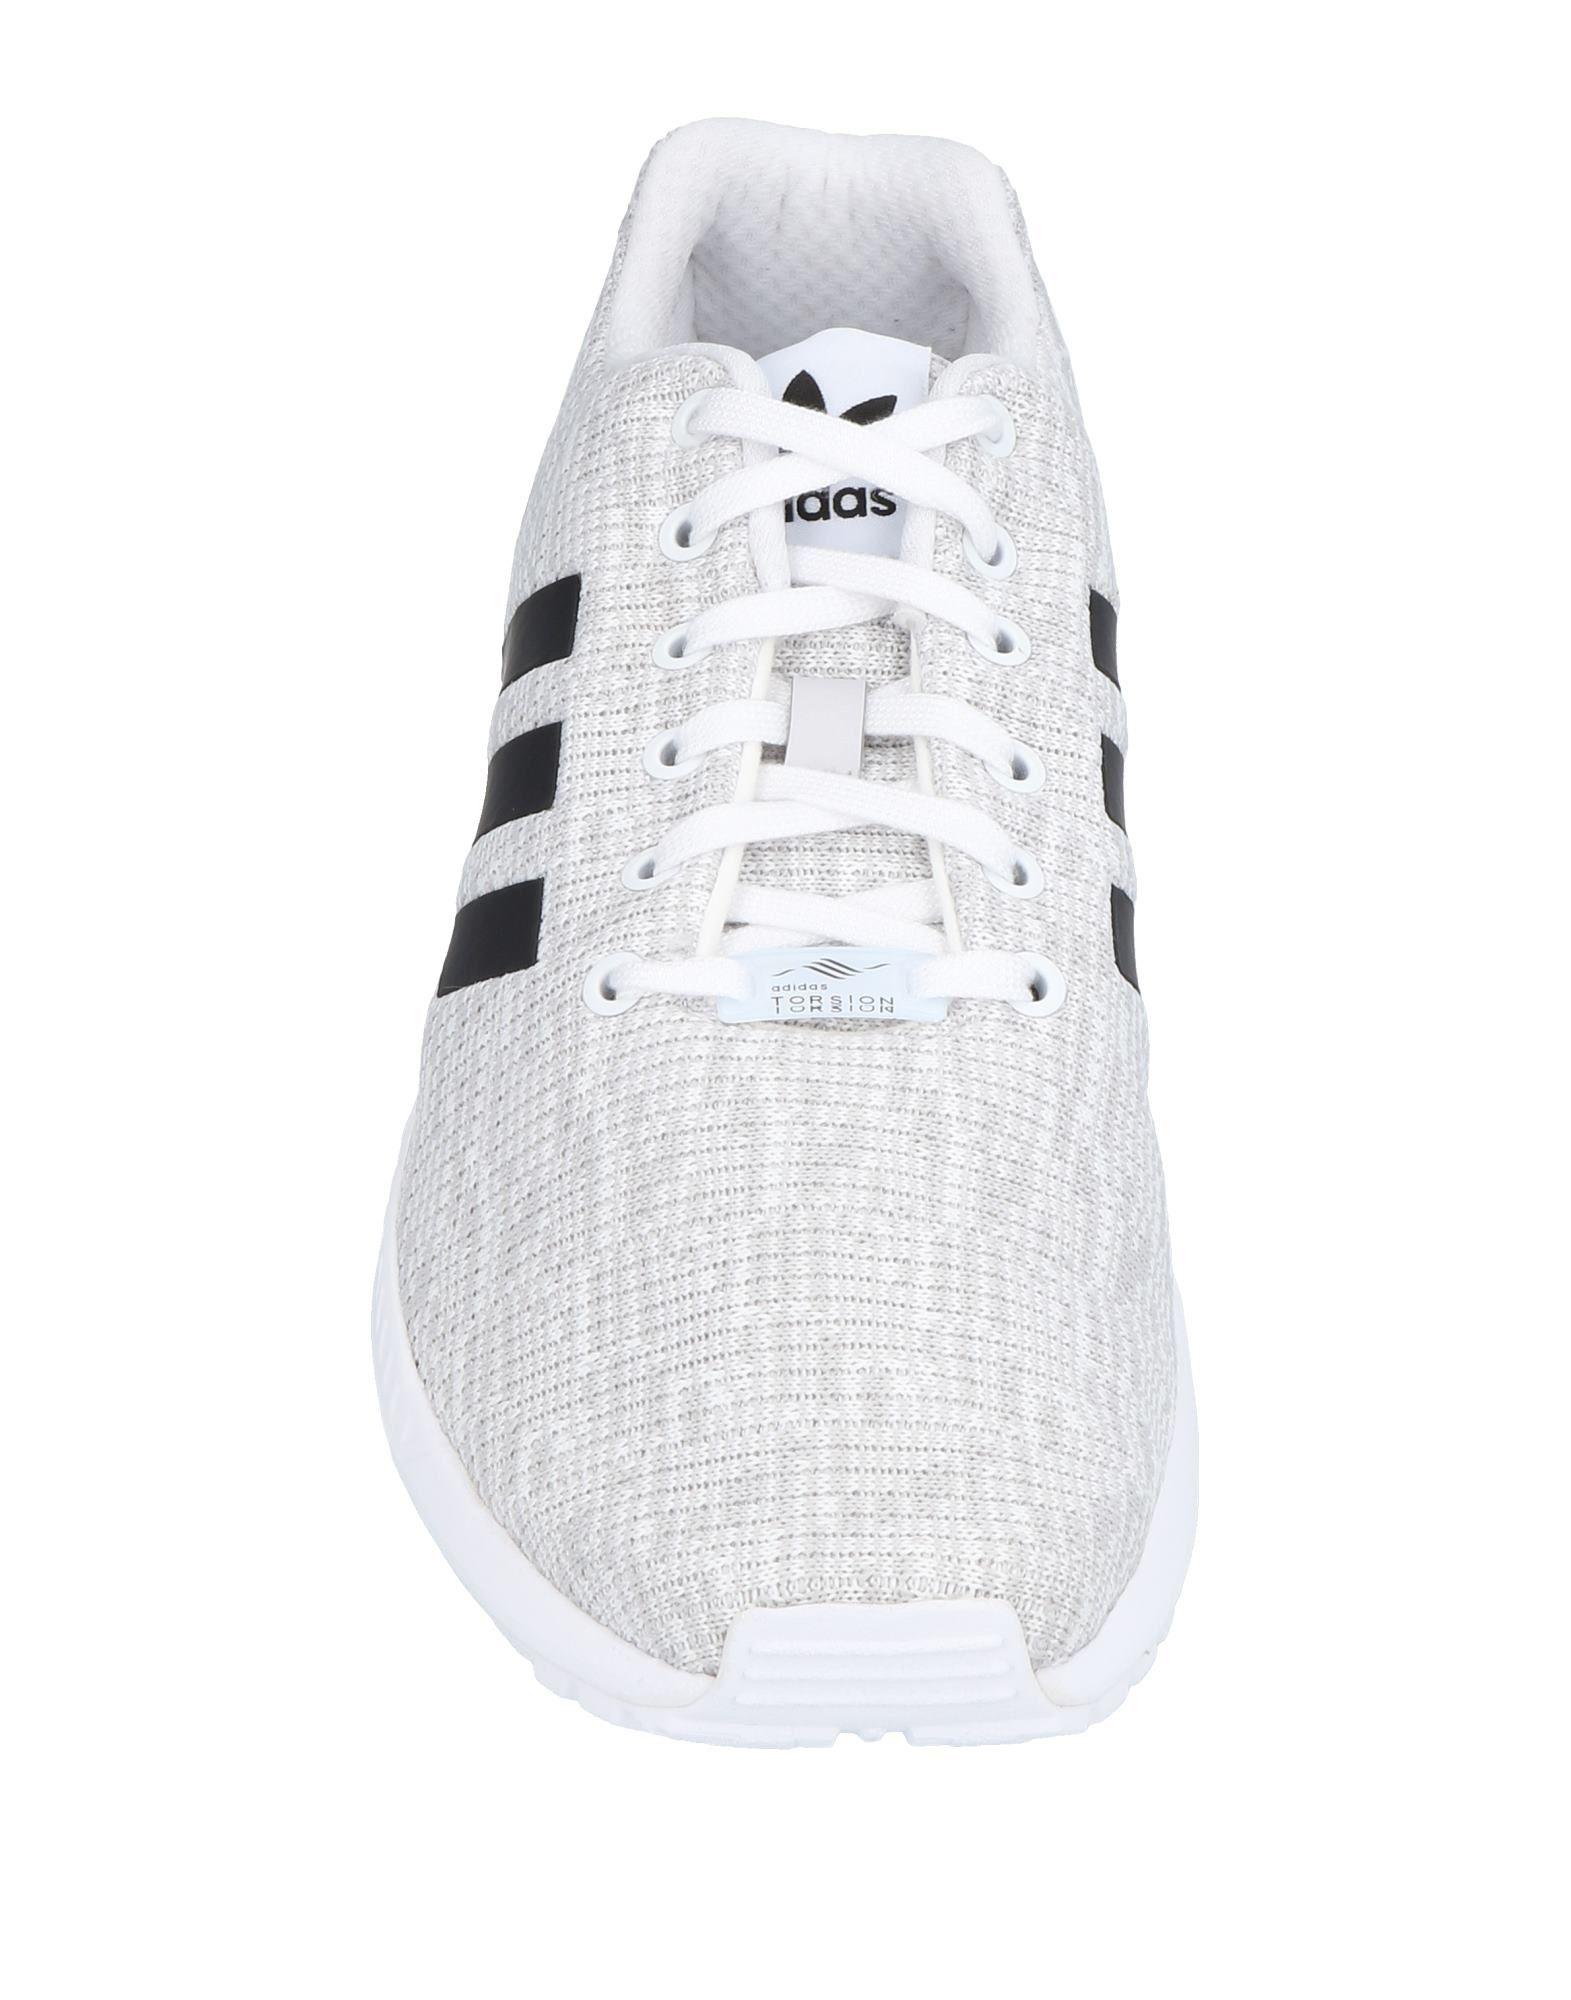 Rabatt Sneakers echte Schuhe Adidas Originals Sneakers Rabatt Herren  11463665PD 212d1d